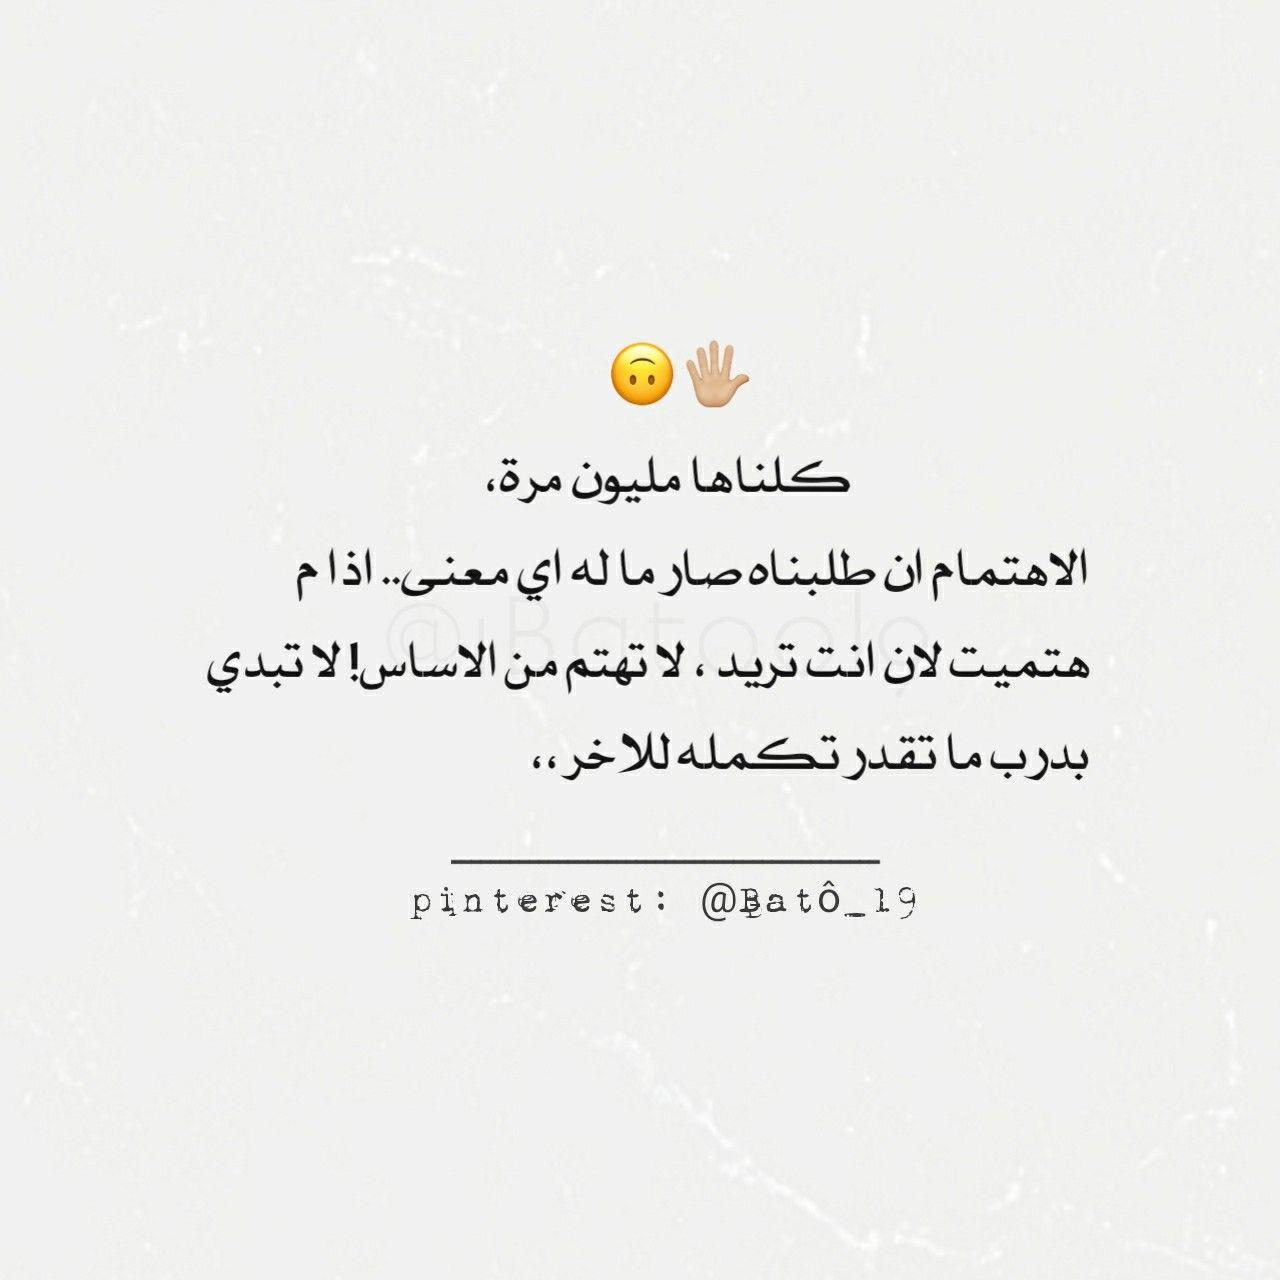 الاهتمام الله حب وطن العراق اقتباسات رمزيات تصاميم كتابات فضفضة شعر ستوريات Islamic Love Quotes Words Quotes Love Quotes Wallpaper